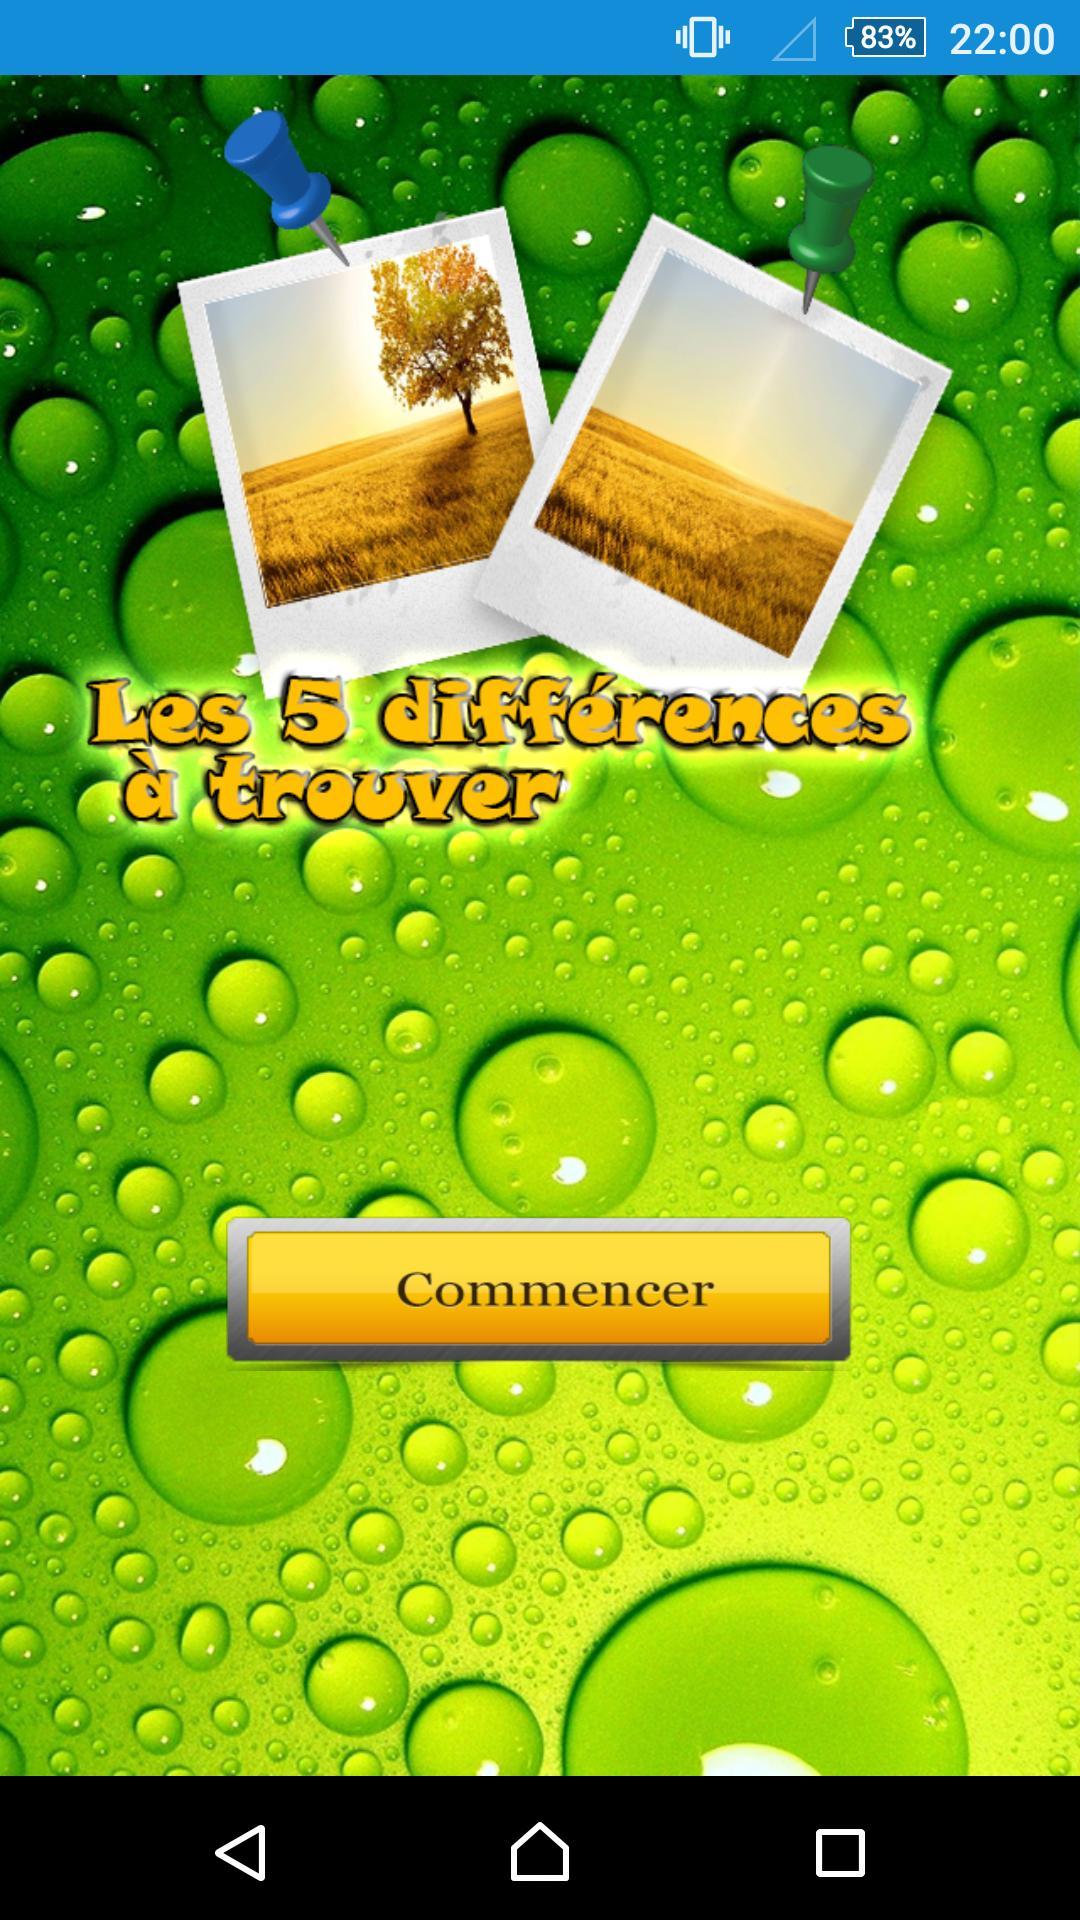 Les 5 Différences À Trouver For Android - Apk Download intérieur Les 5 Differences